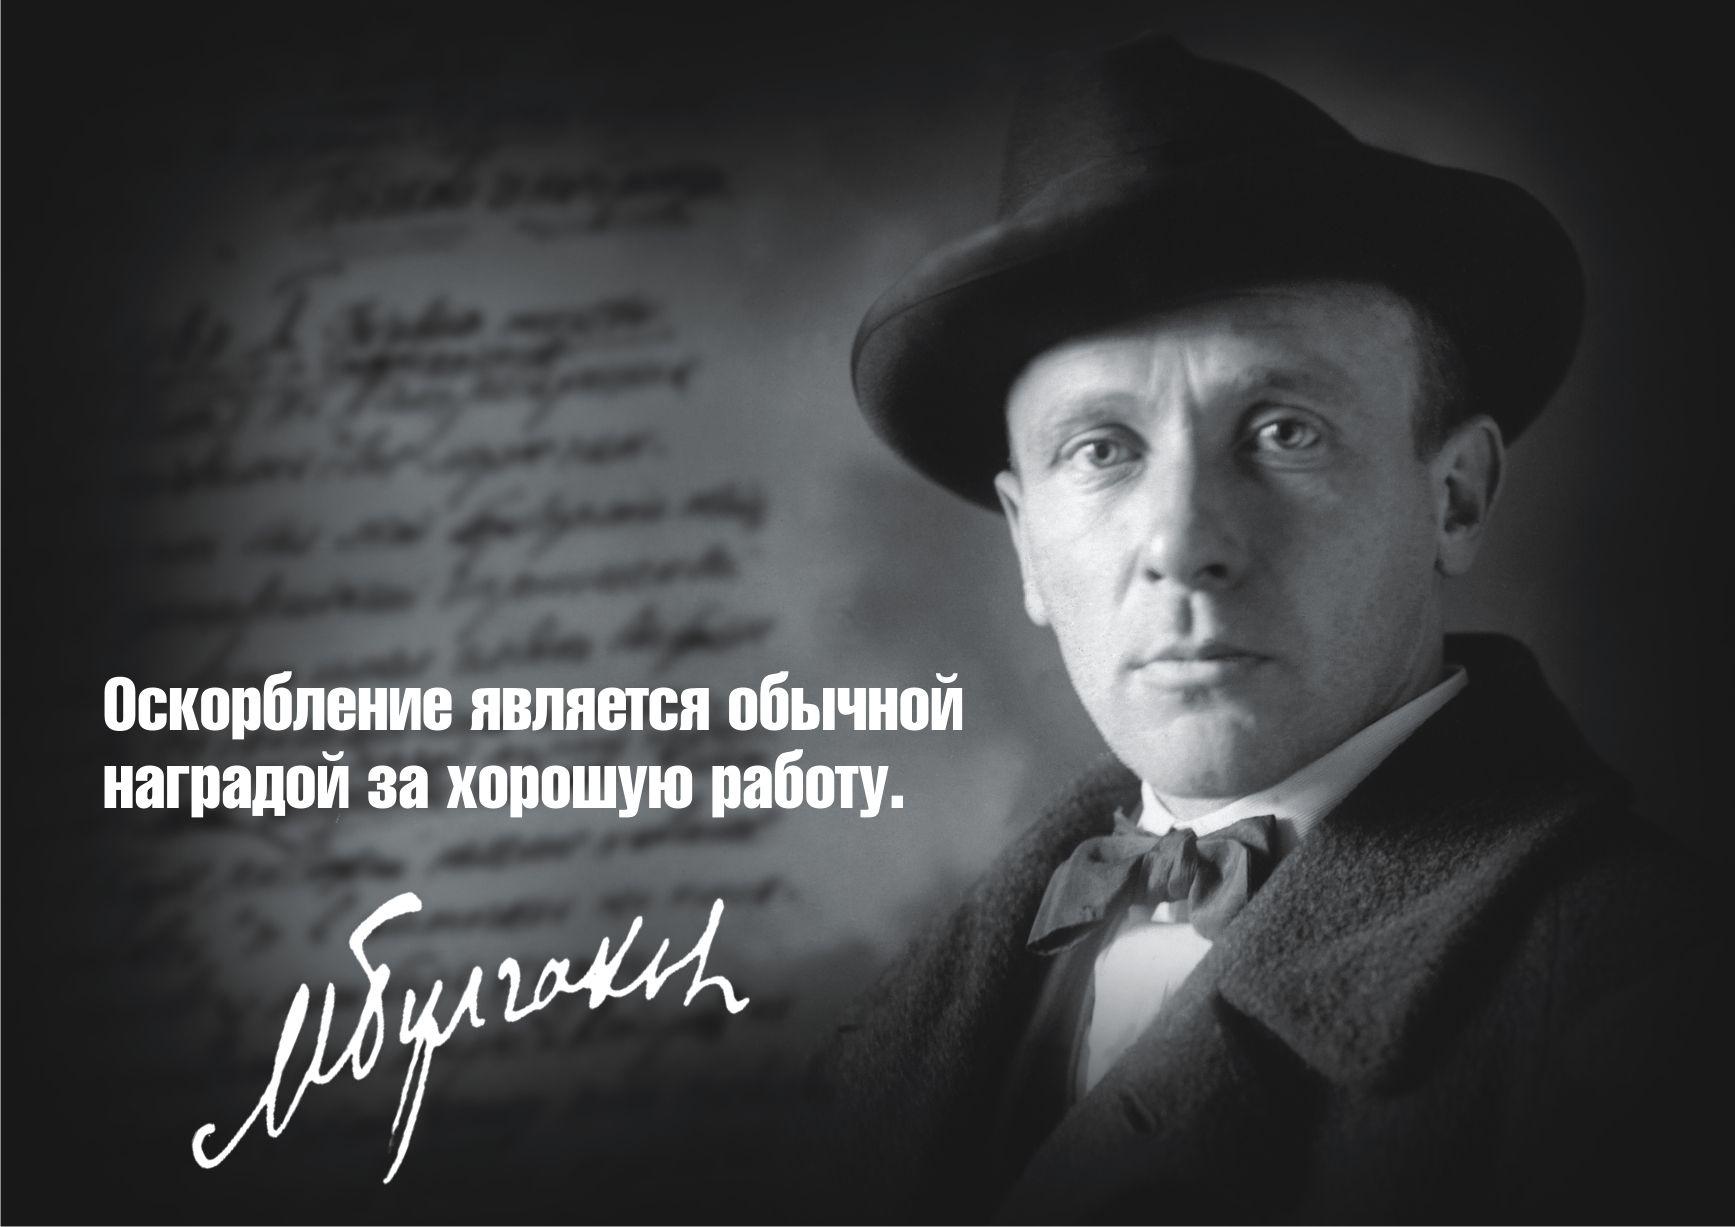 Плакат-портрет Михаила Булгакова - дизайнер Kairat_D